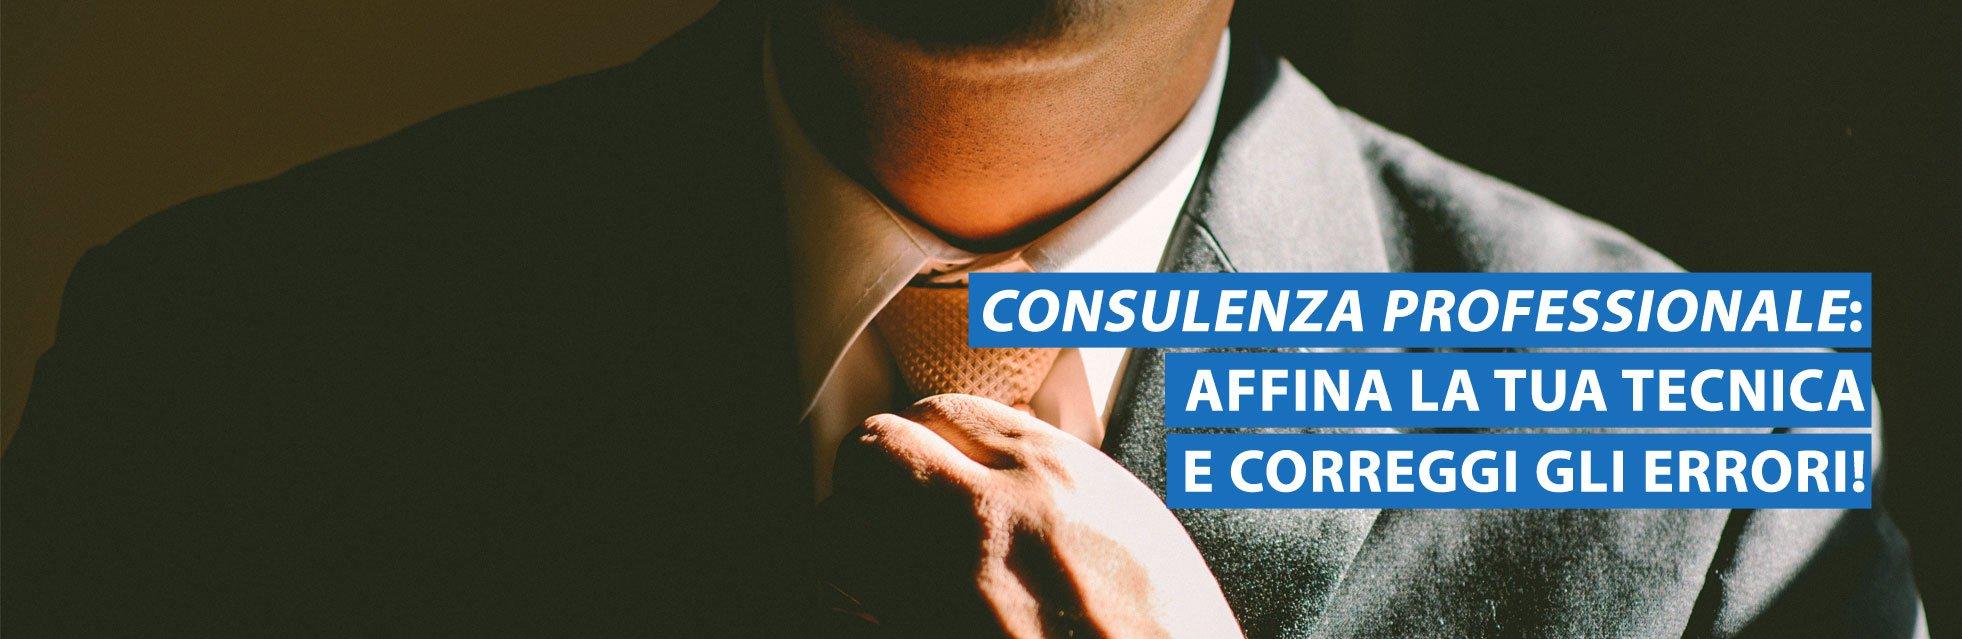 vivere-di-scrittura-con-self-publishing-e-web-consulenza-professionale-di-scrittura-e-marketing-editoriale